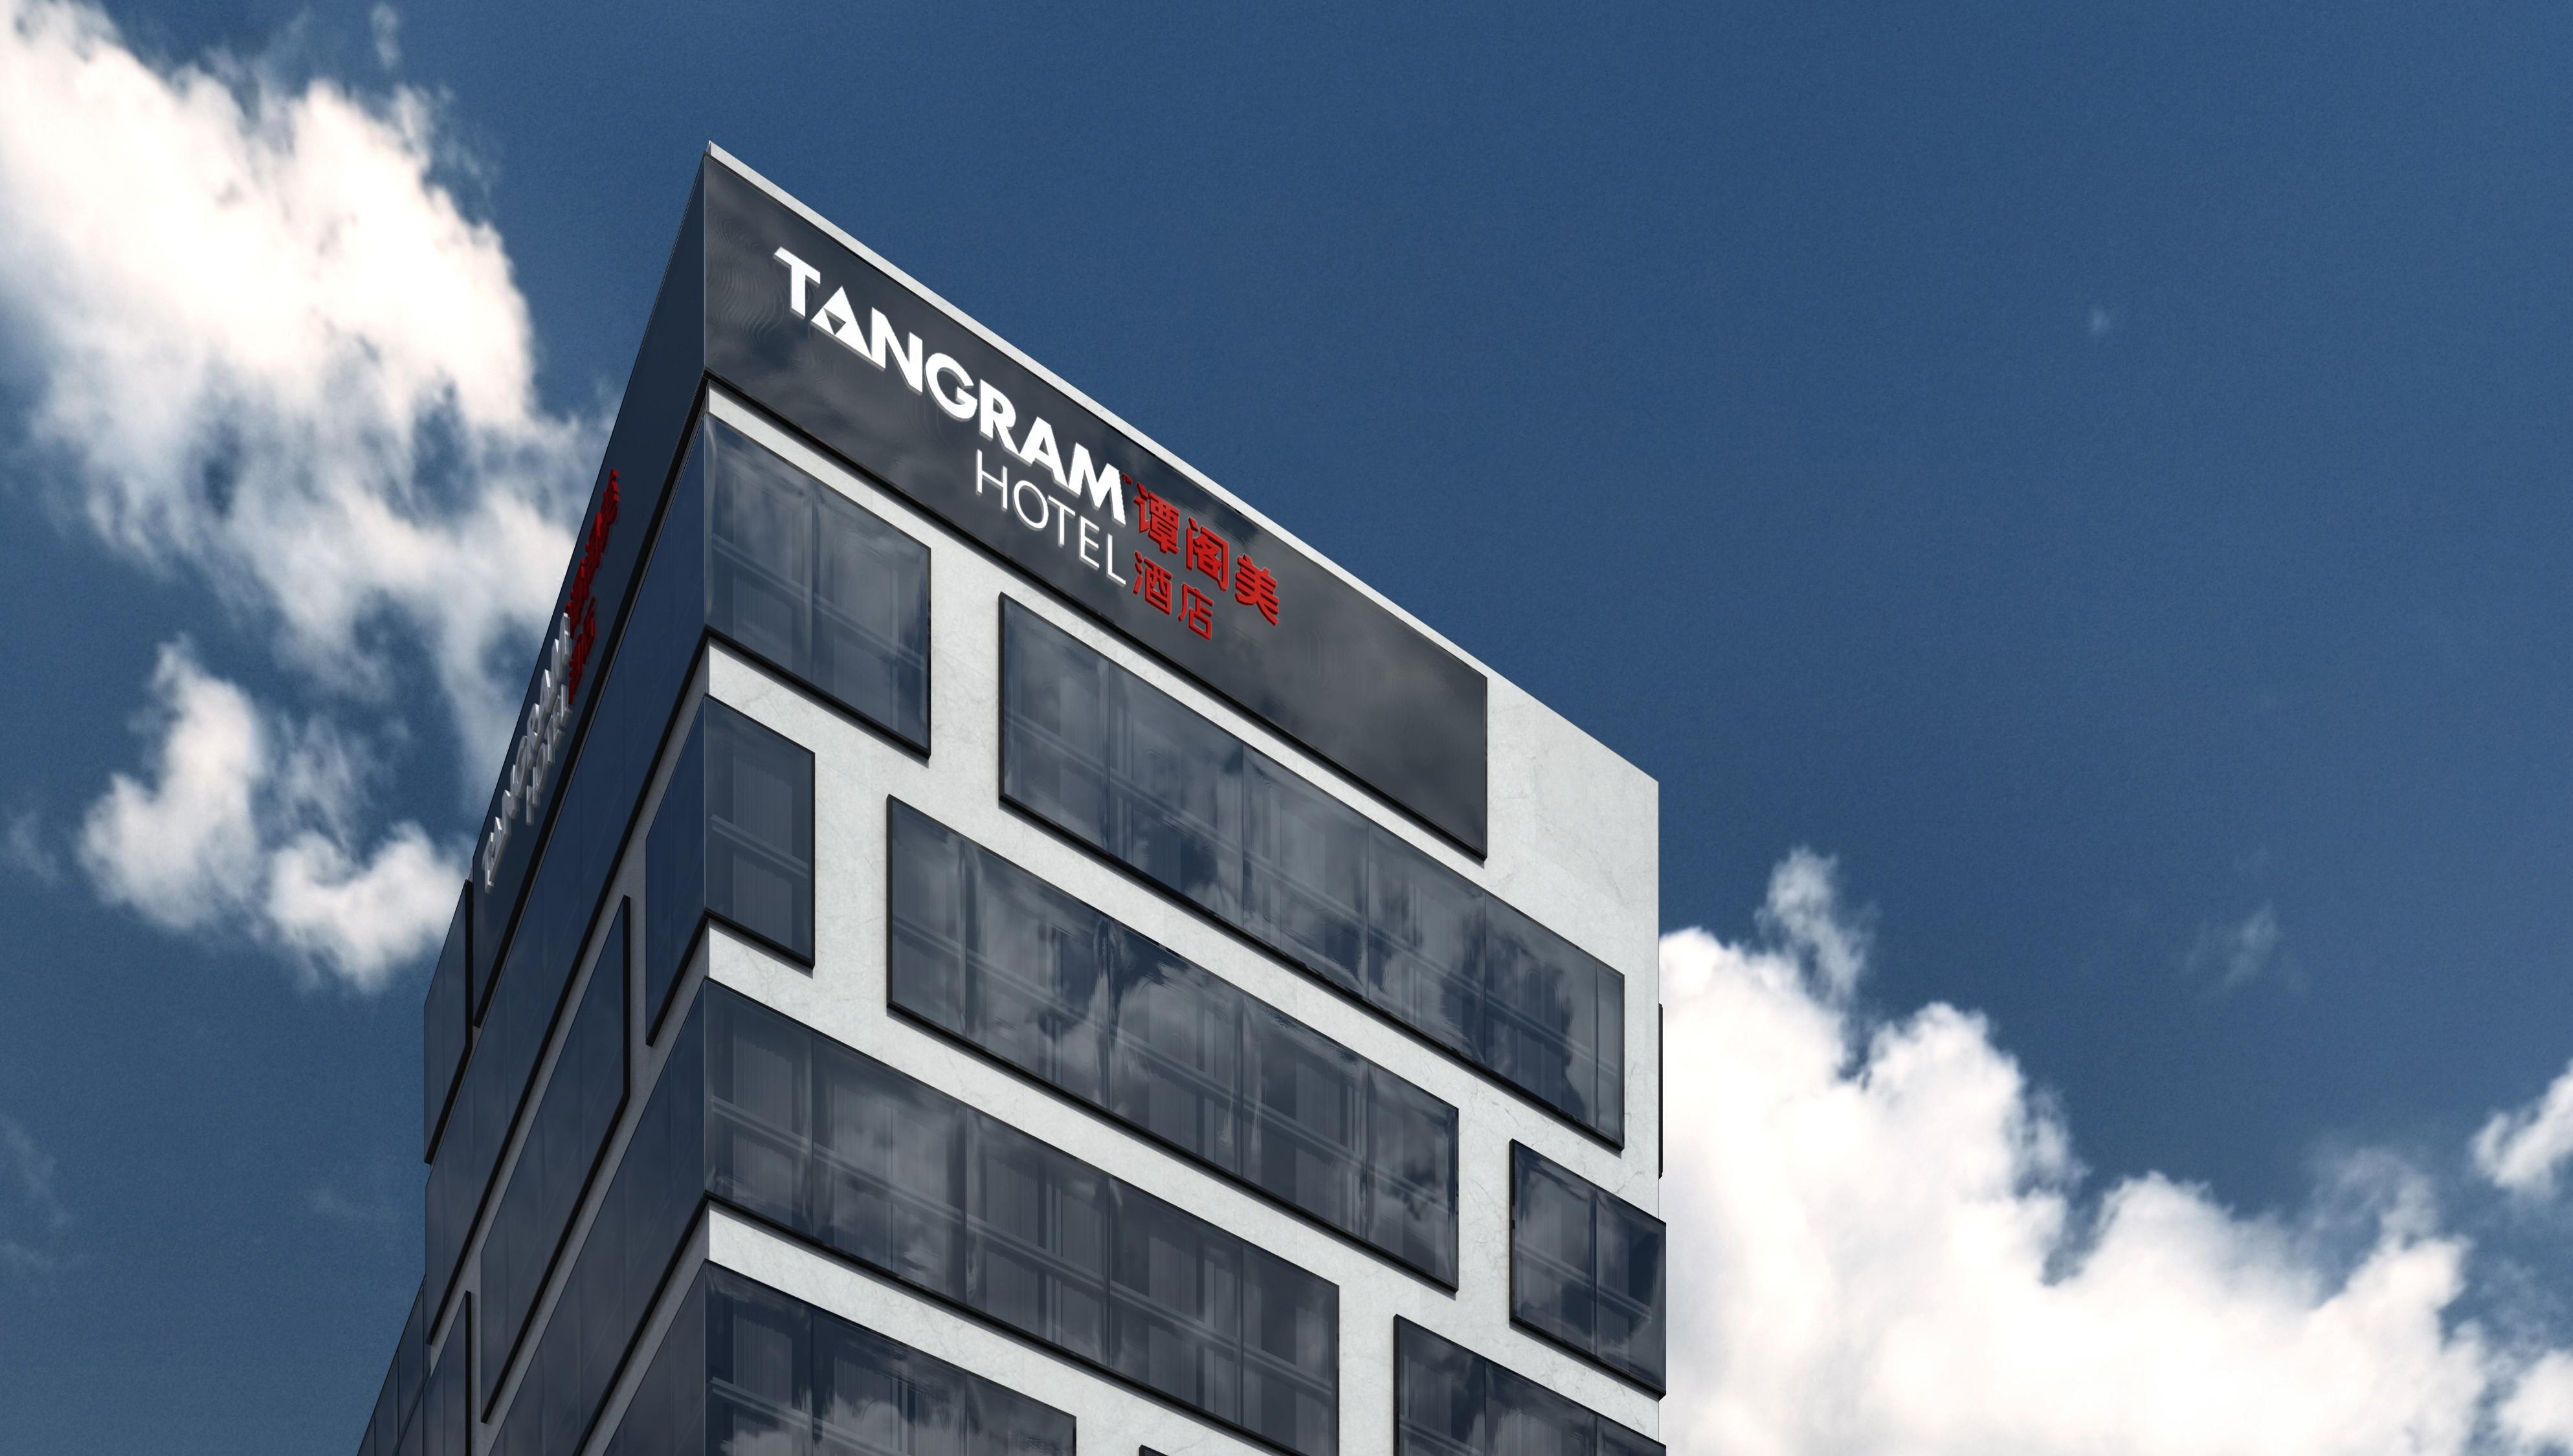 Tangram_102